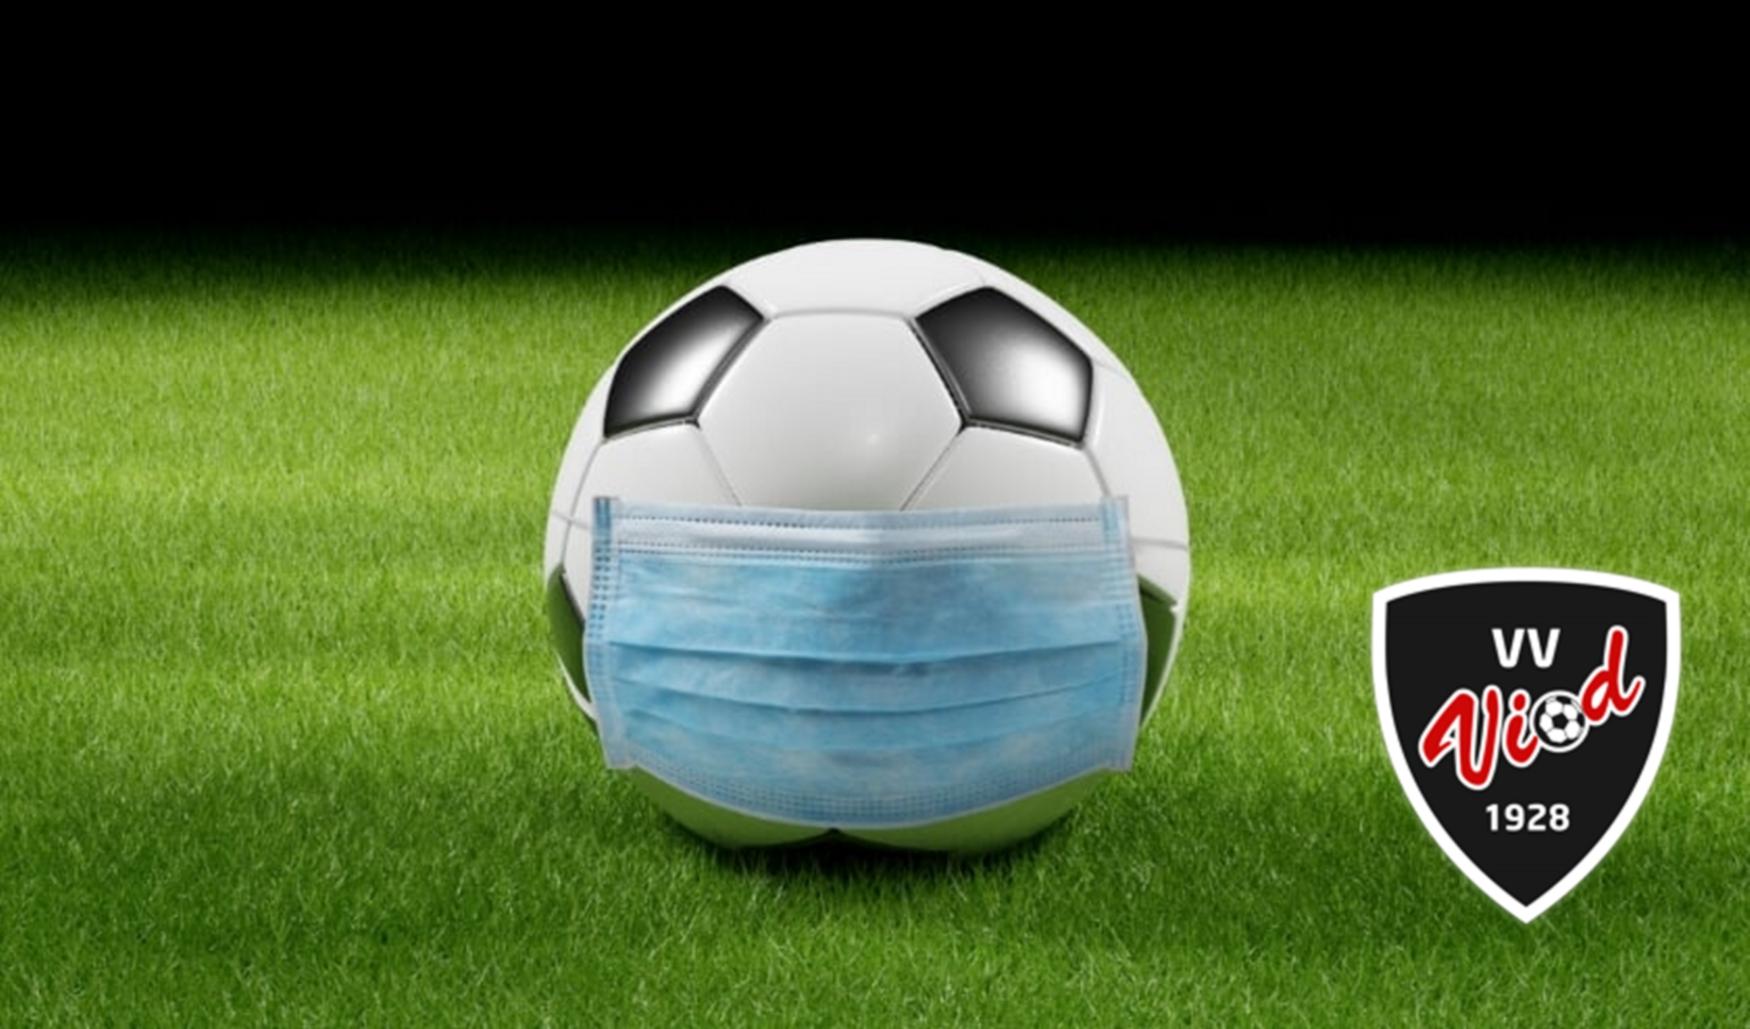 Voetbalcompetities bij de senioren worden niet meer hervat